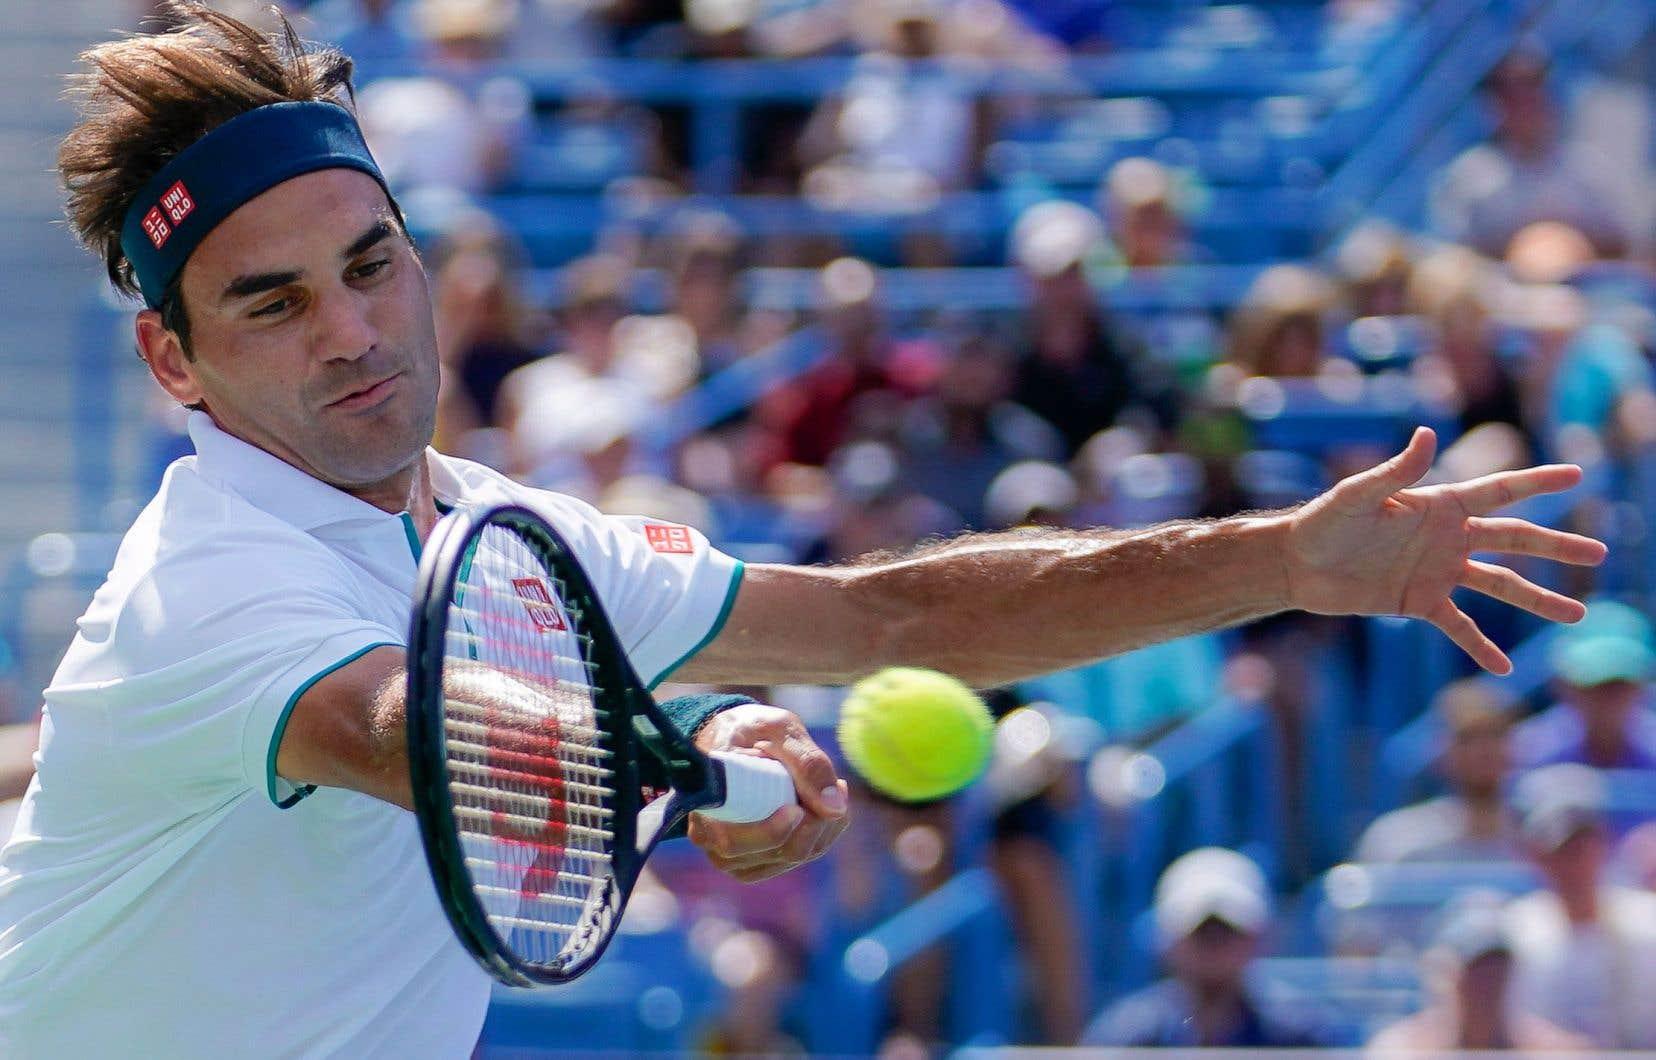 À son premier tournoi depuis Wimbledon, Roger Federer a commis 19 fautes directes contre le Russe Andrey Rublev, jeudi, à Cincinnati.